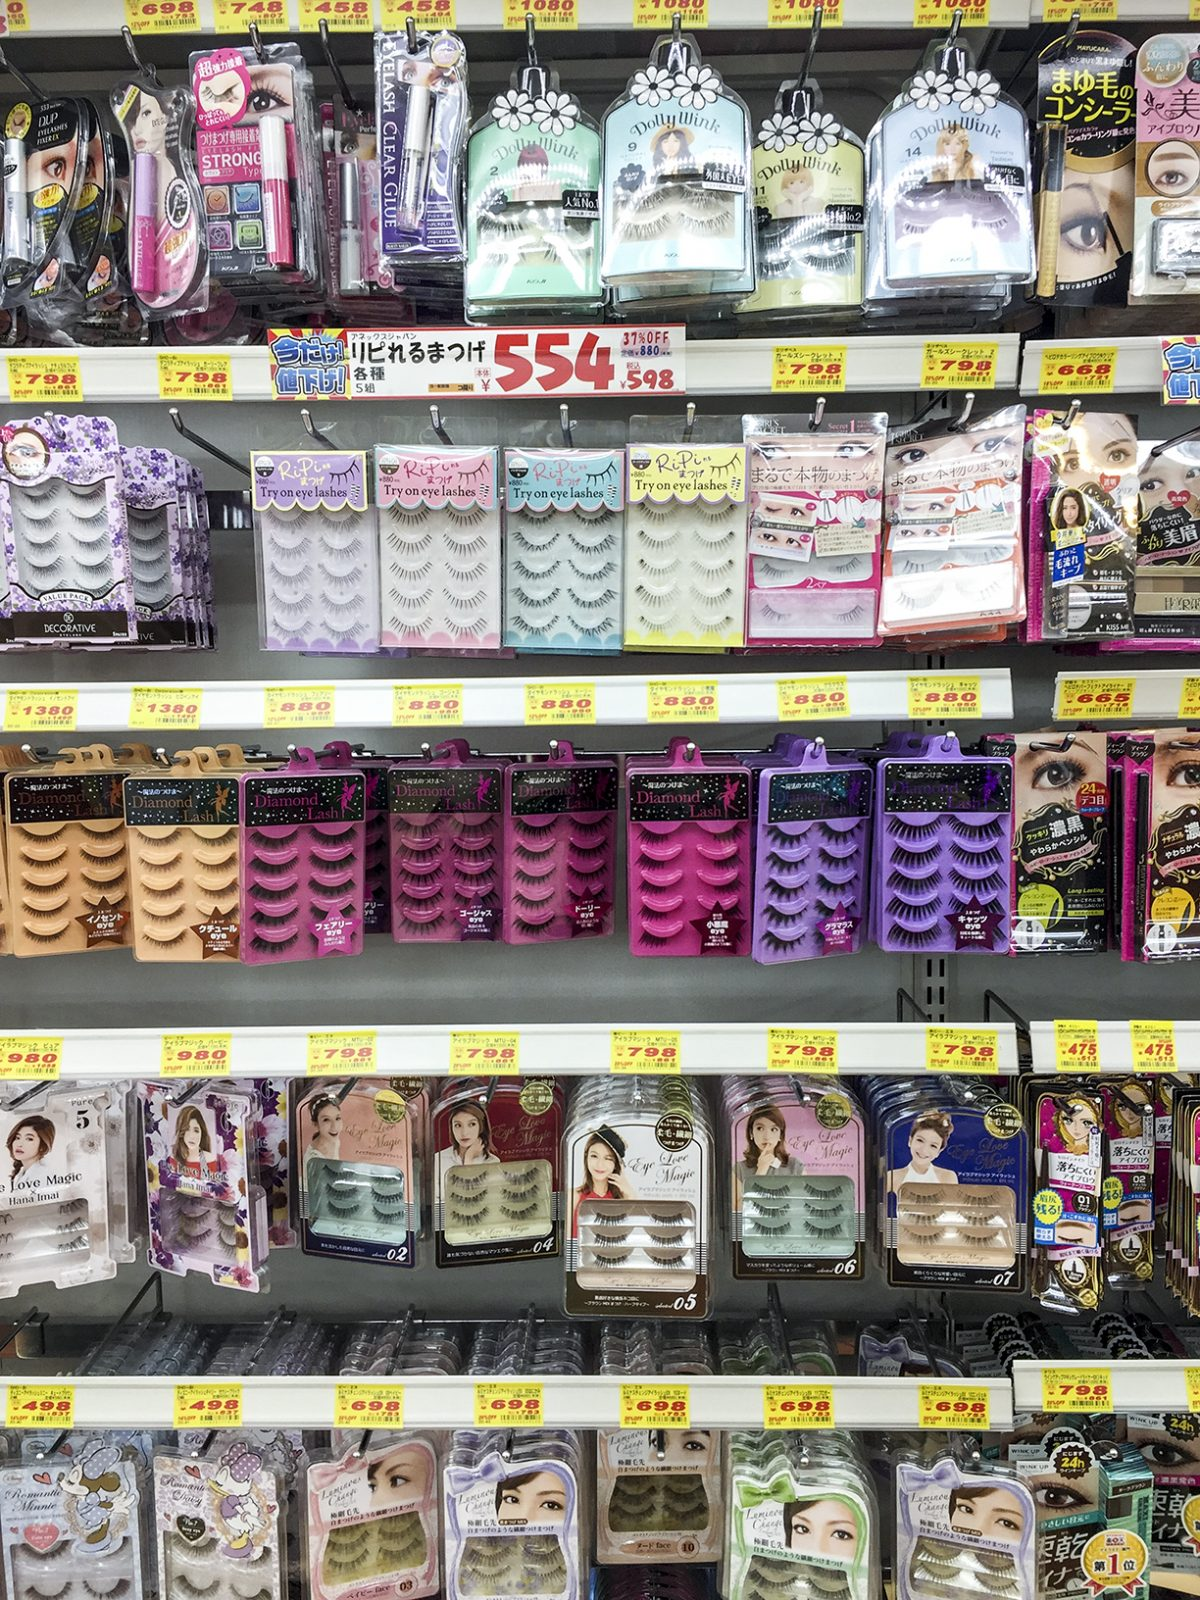 Japanese eyelashes